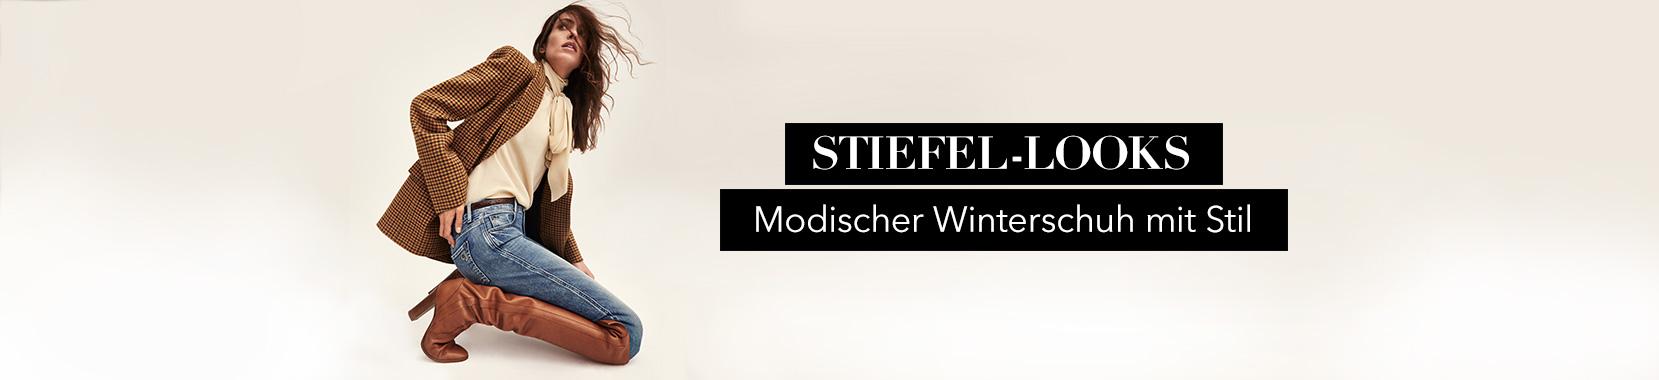 Damen Stiefel-Looks